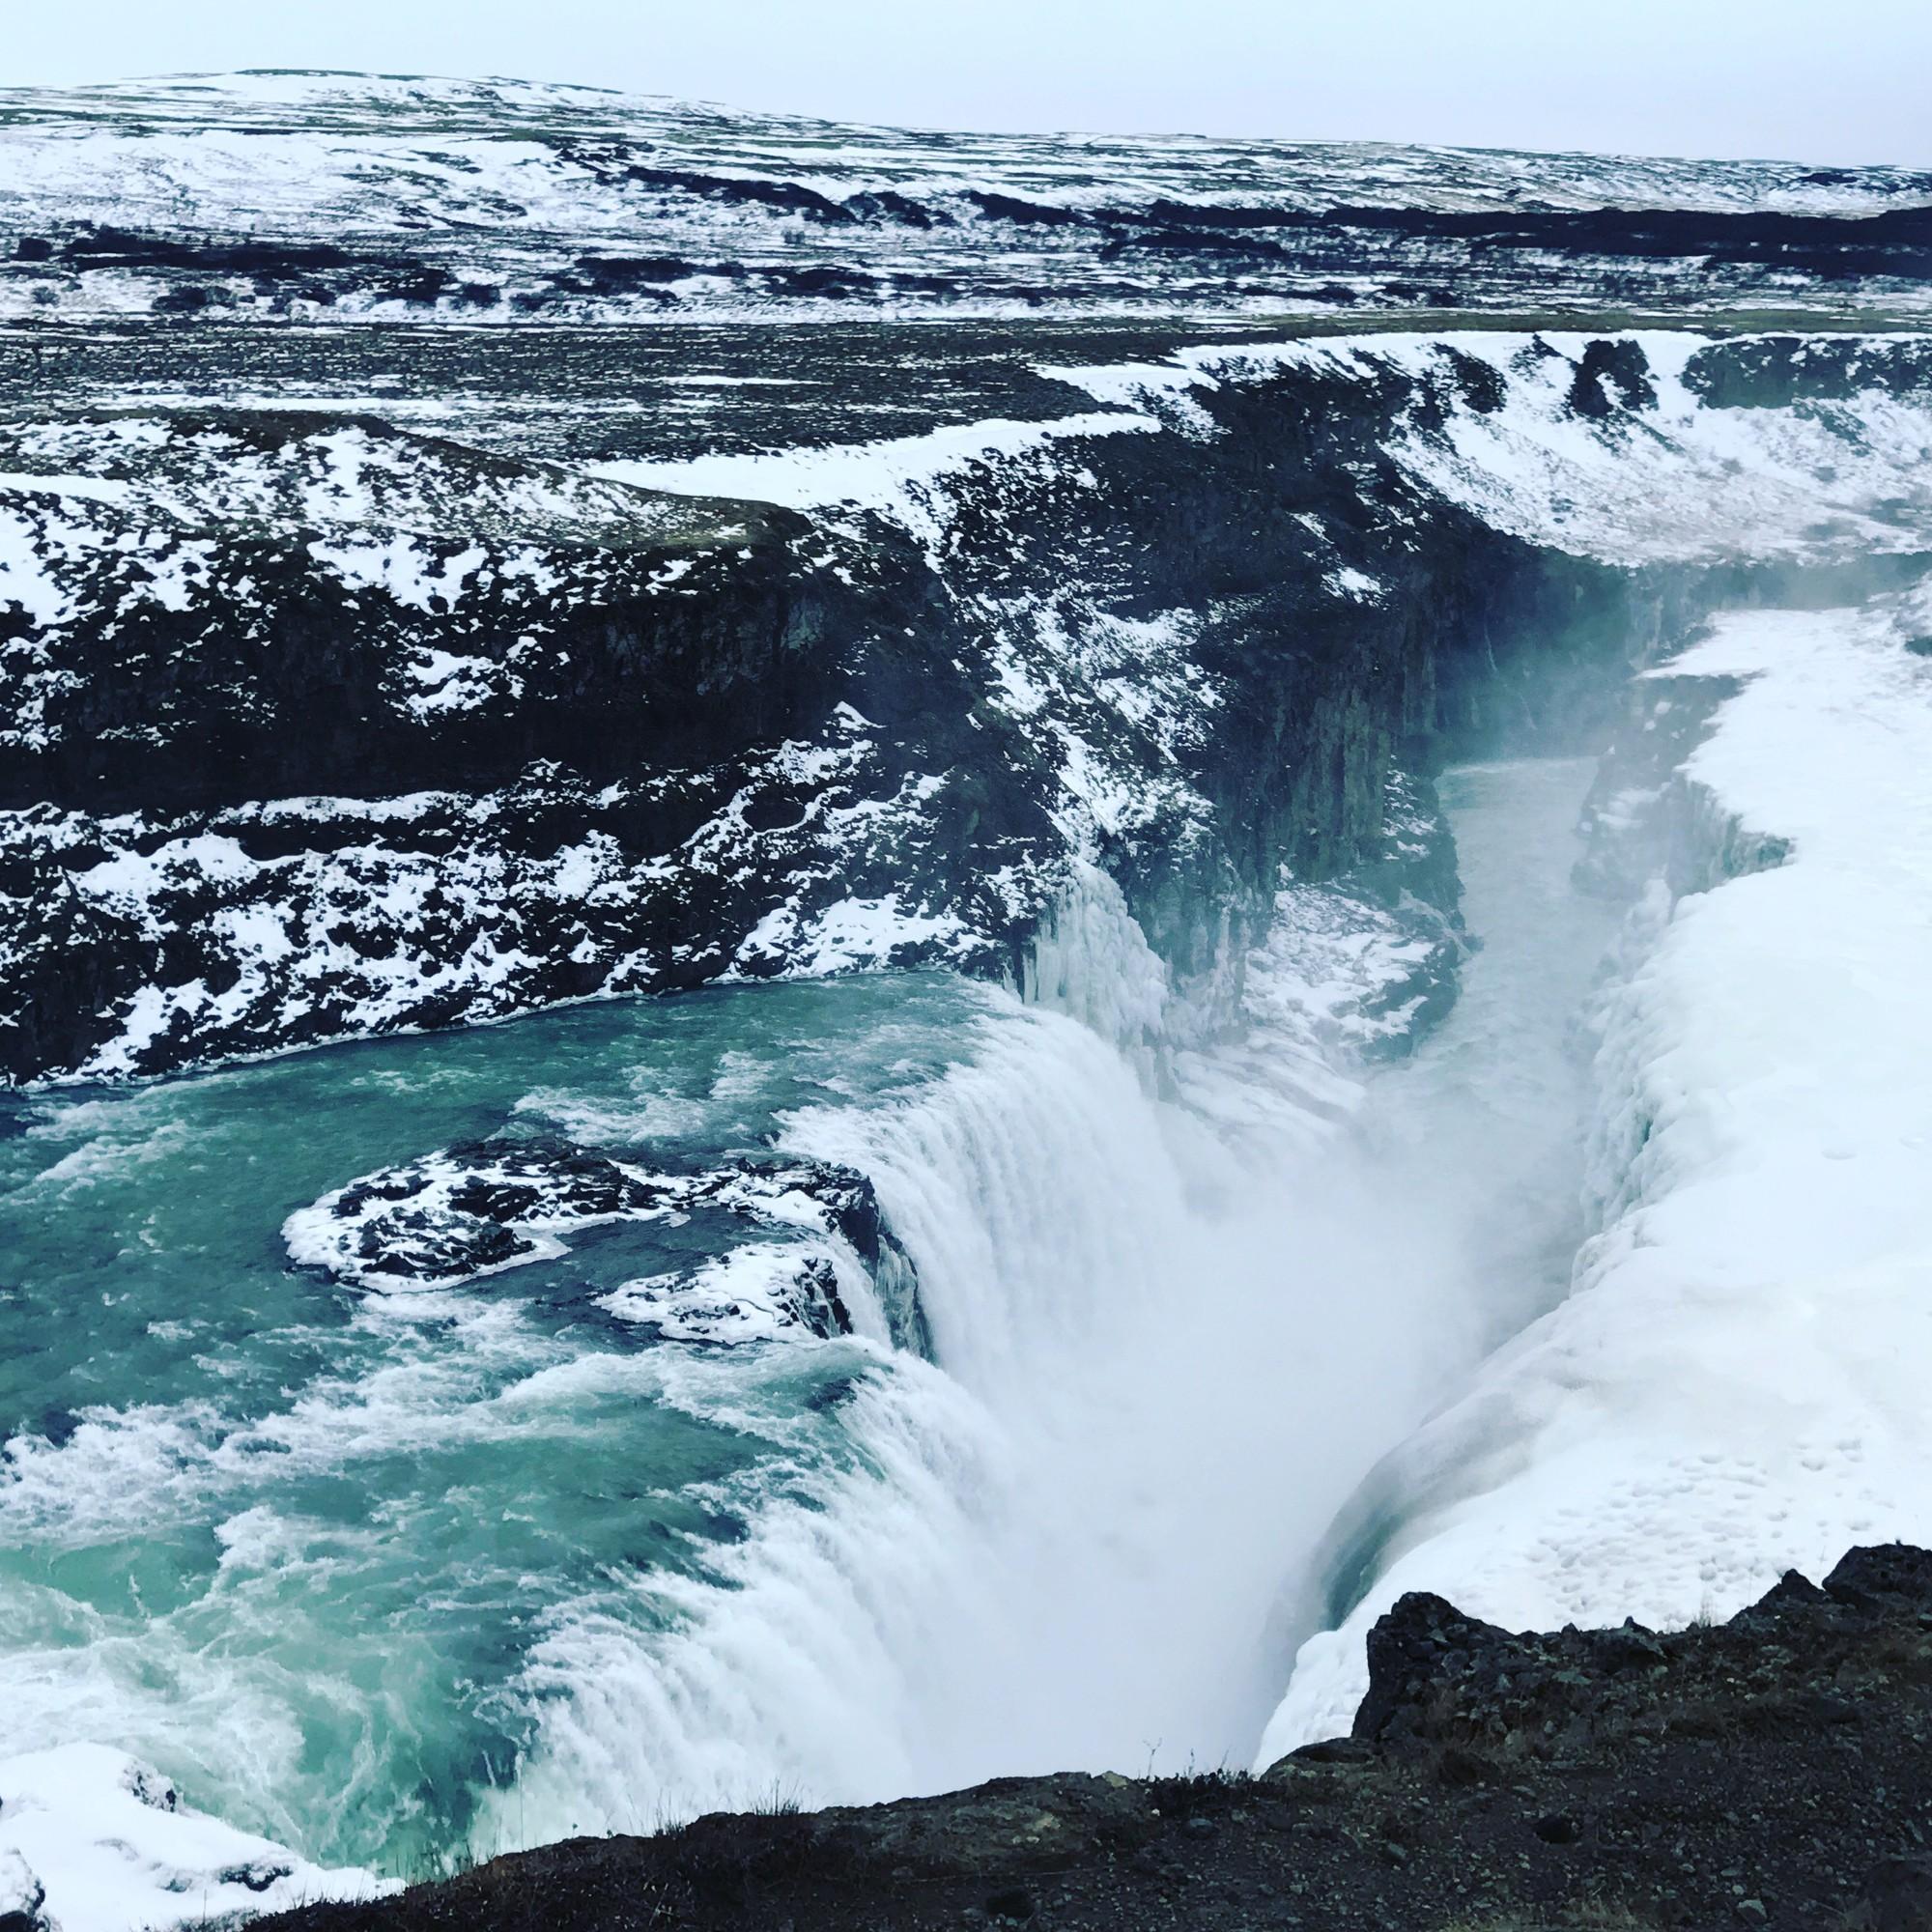 16 kỳ quan thác nước tuyệt đẹp trên khắp thế gian - Ảnh 9.